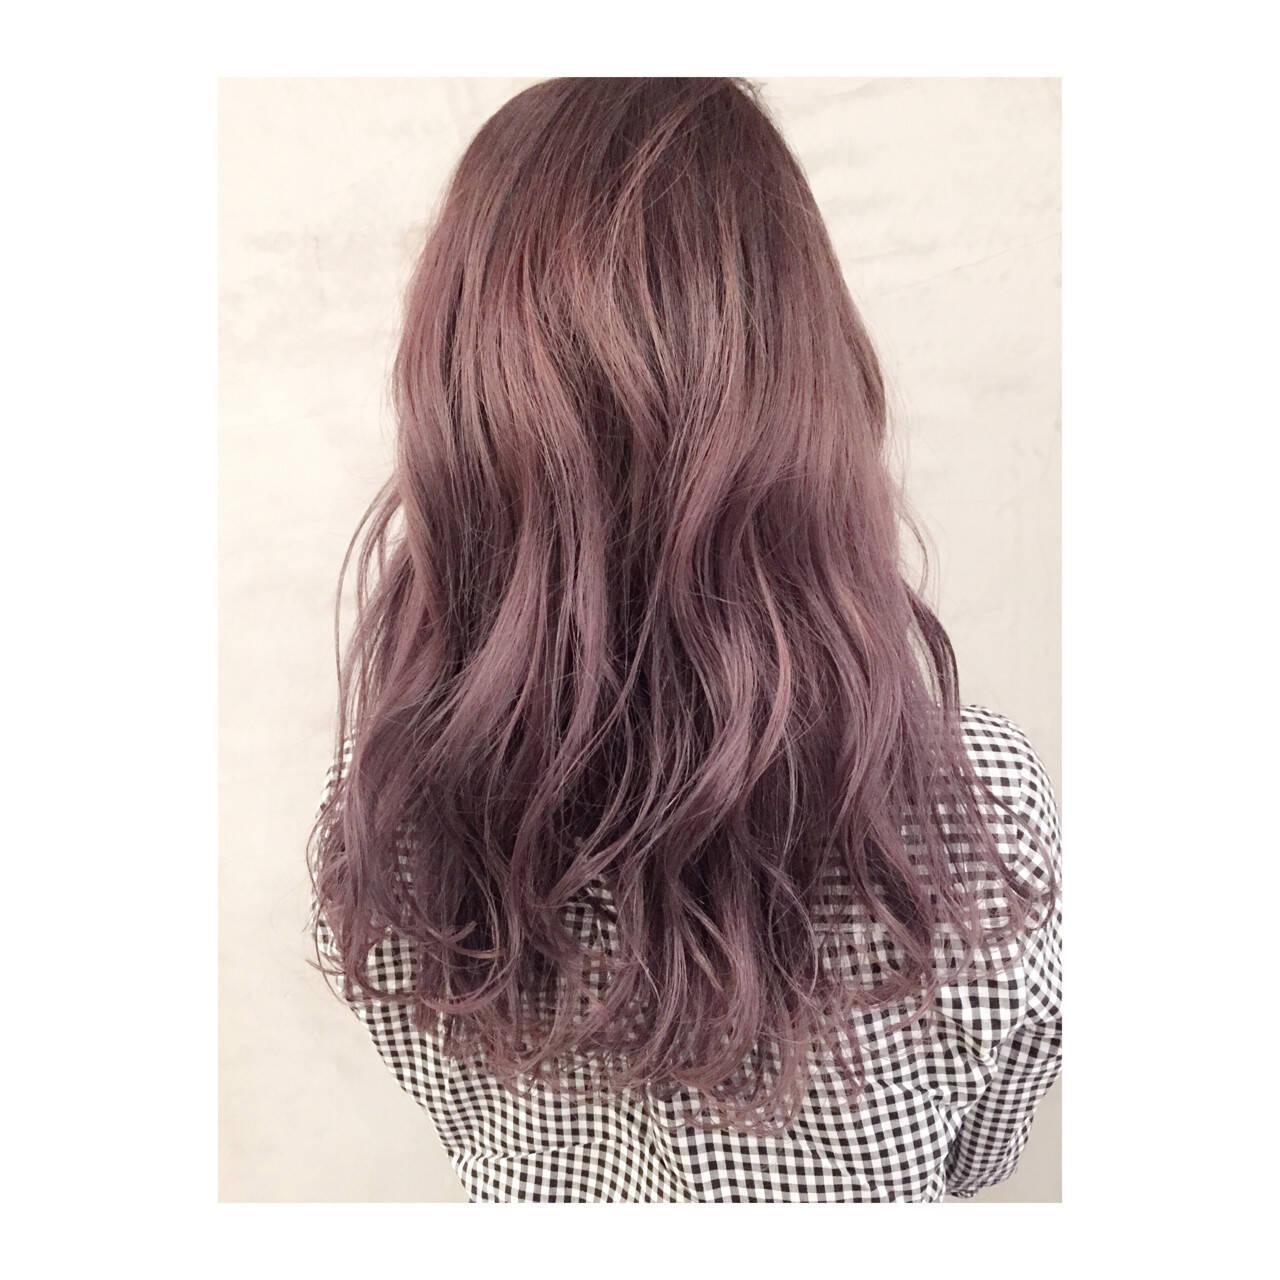 ラベンダーアッシュ ガーリー ロング ラベンダーヘアスタイルや髪型の写真・画像